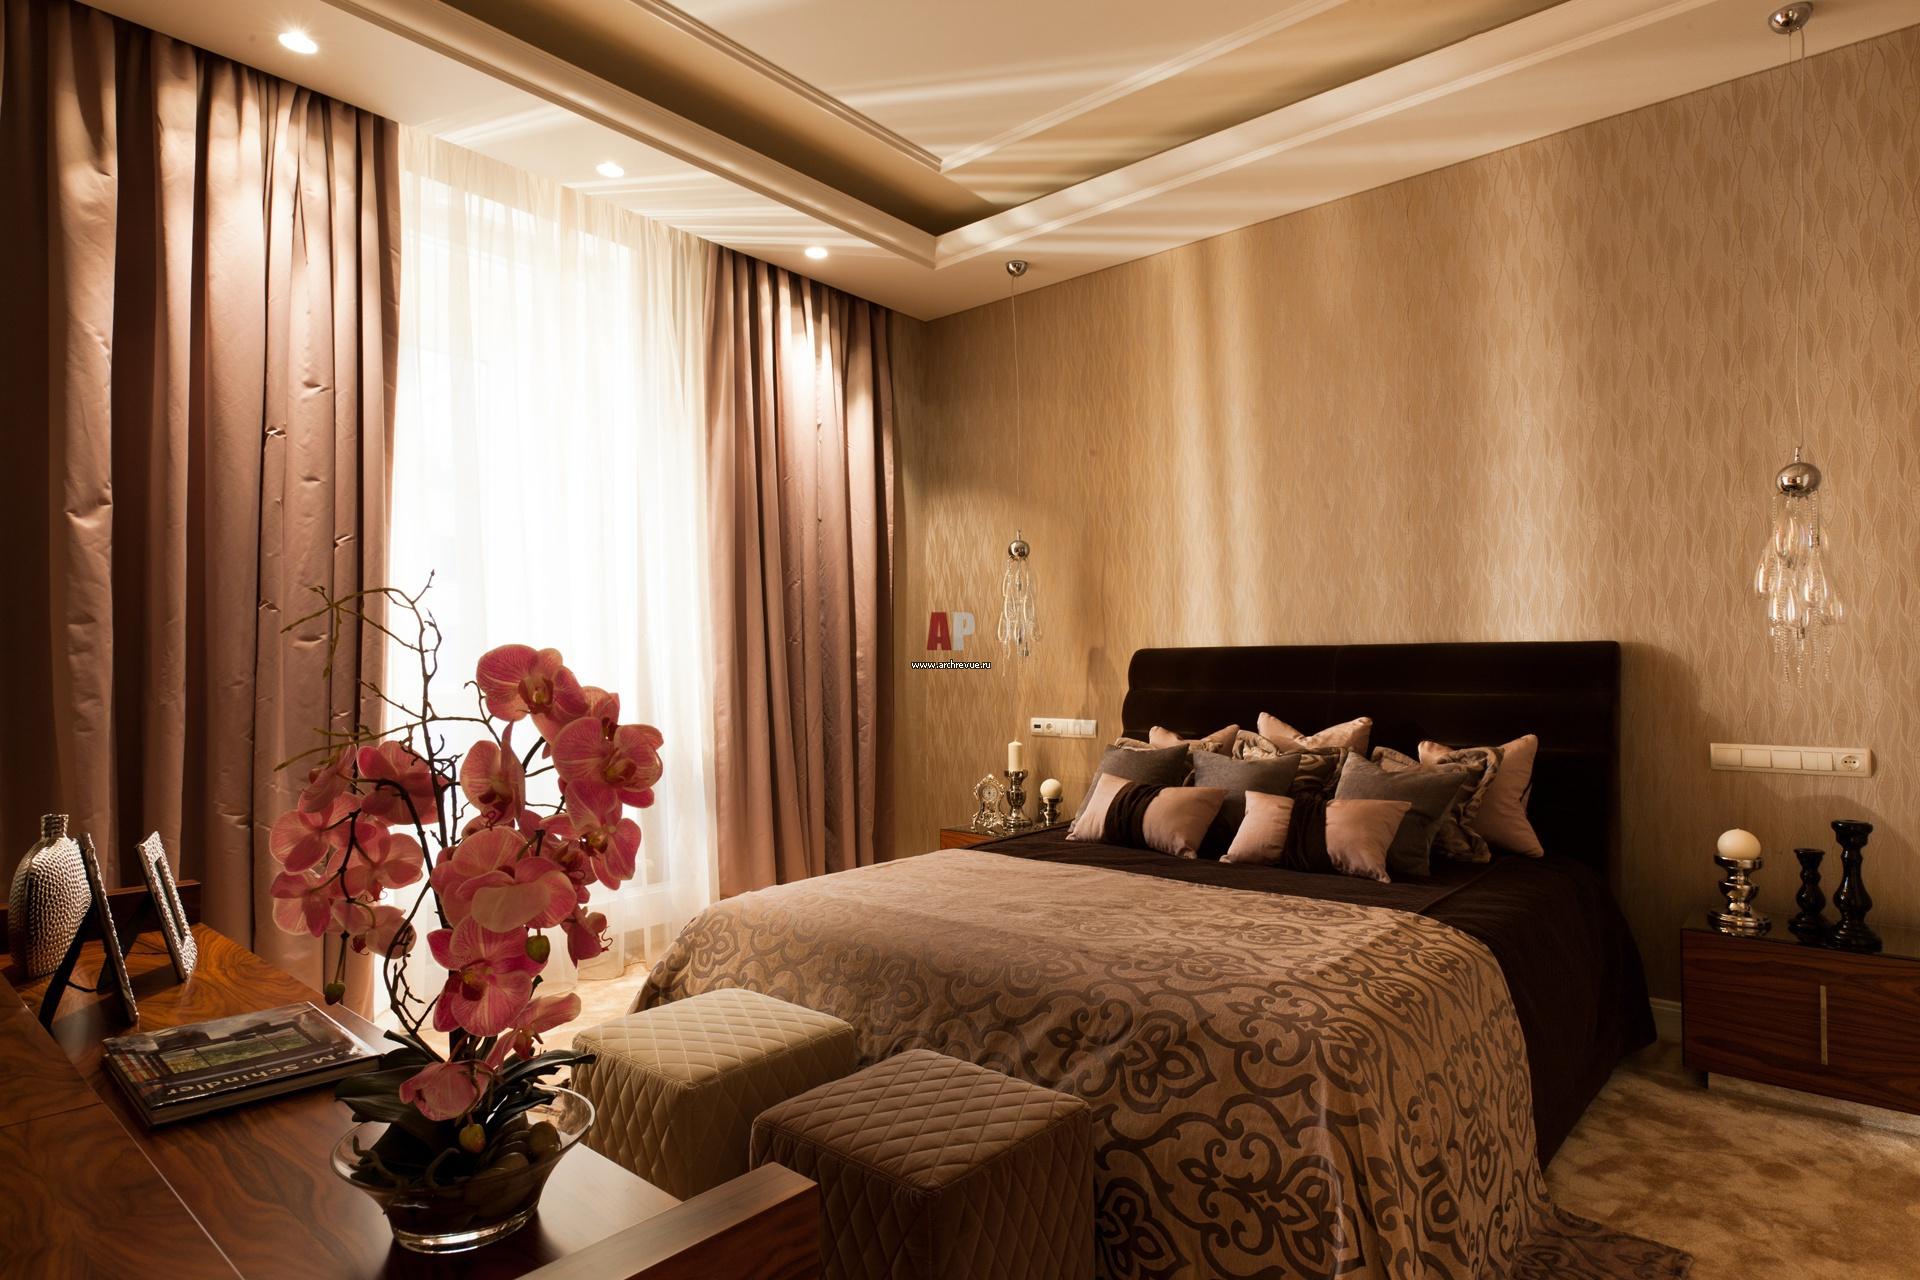 Кровать на подиуме своими руками фото